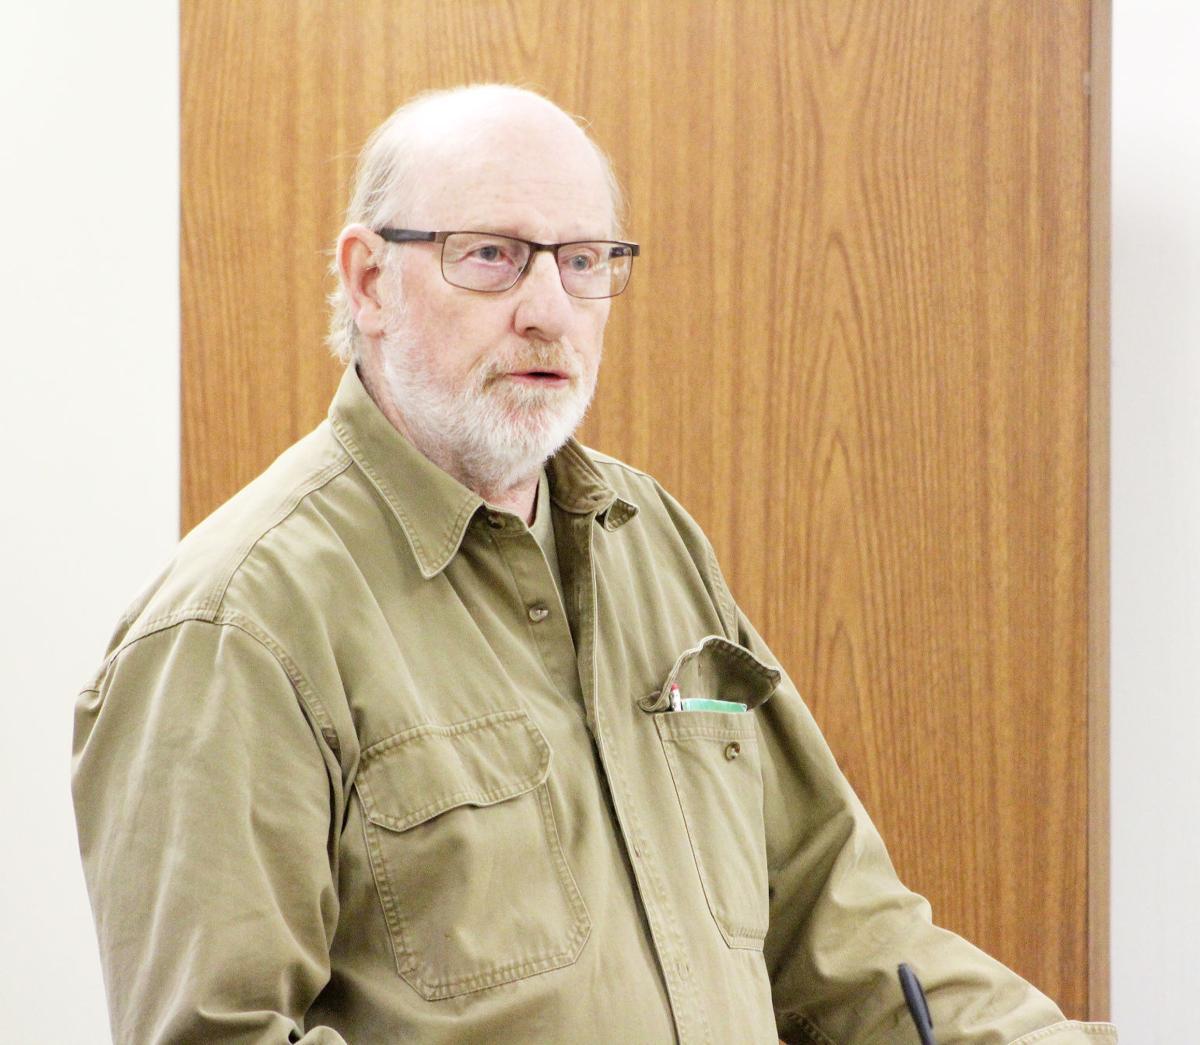 David Schwab